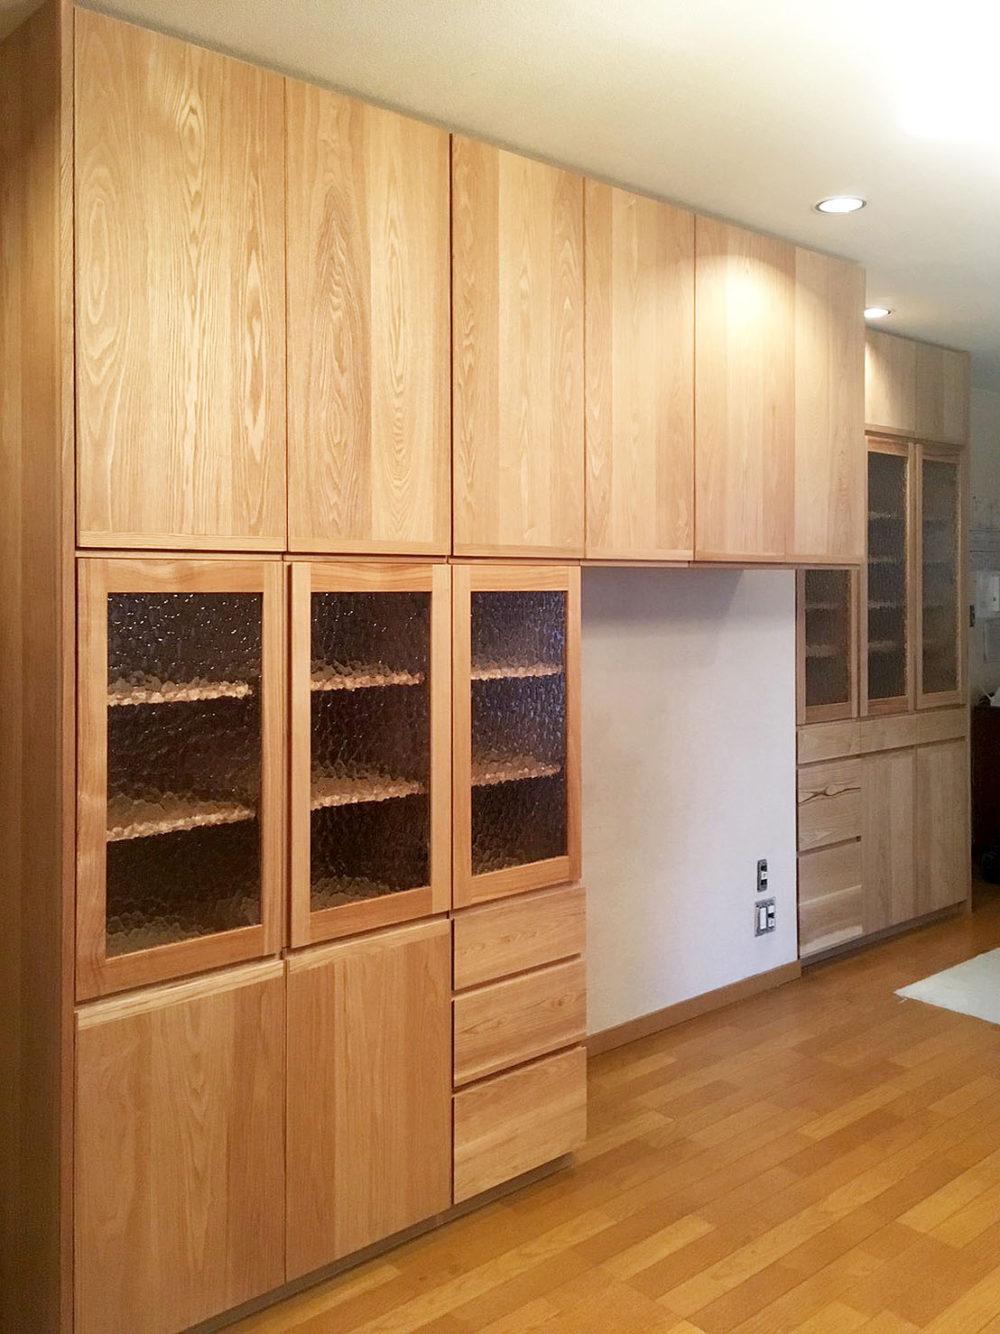 奈良県のお宅の食器棚と壁面収納